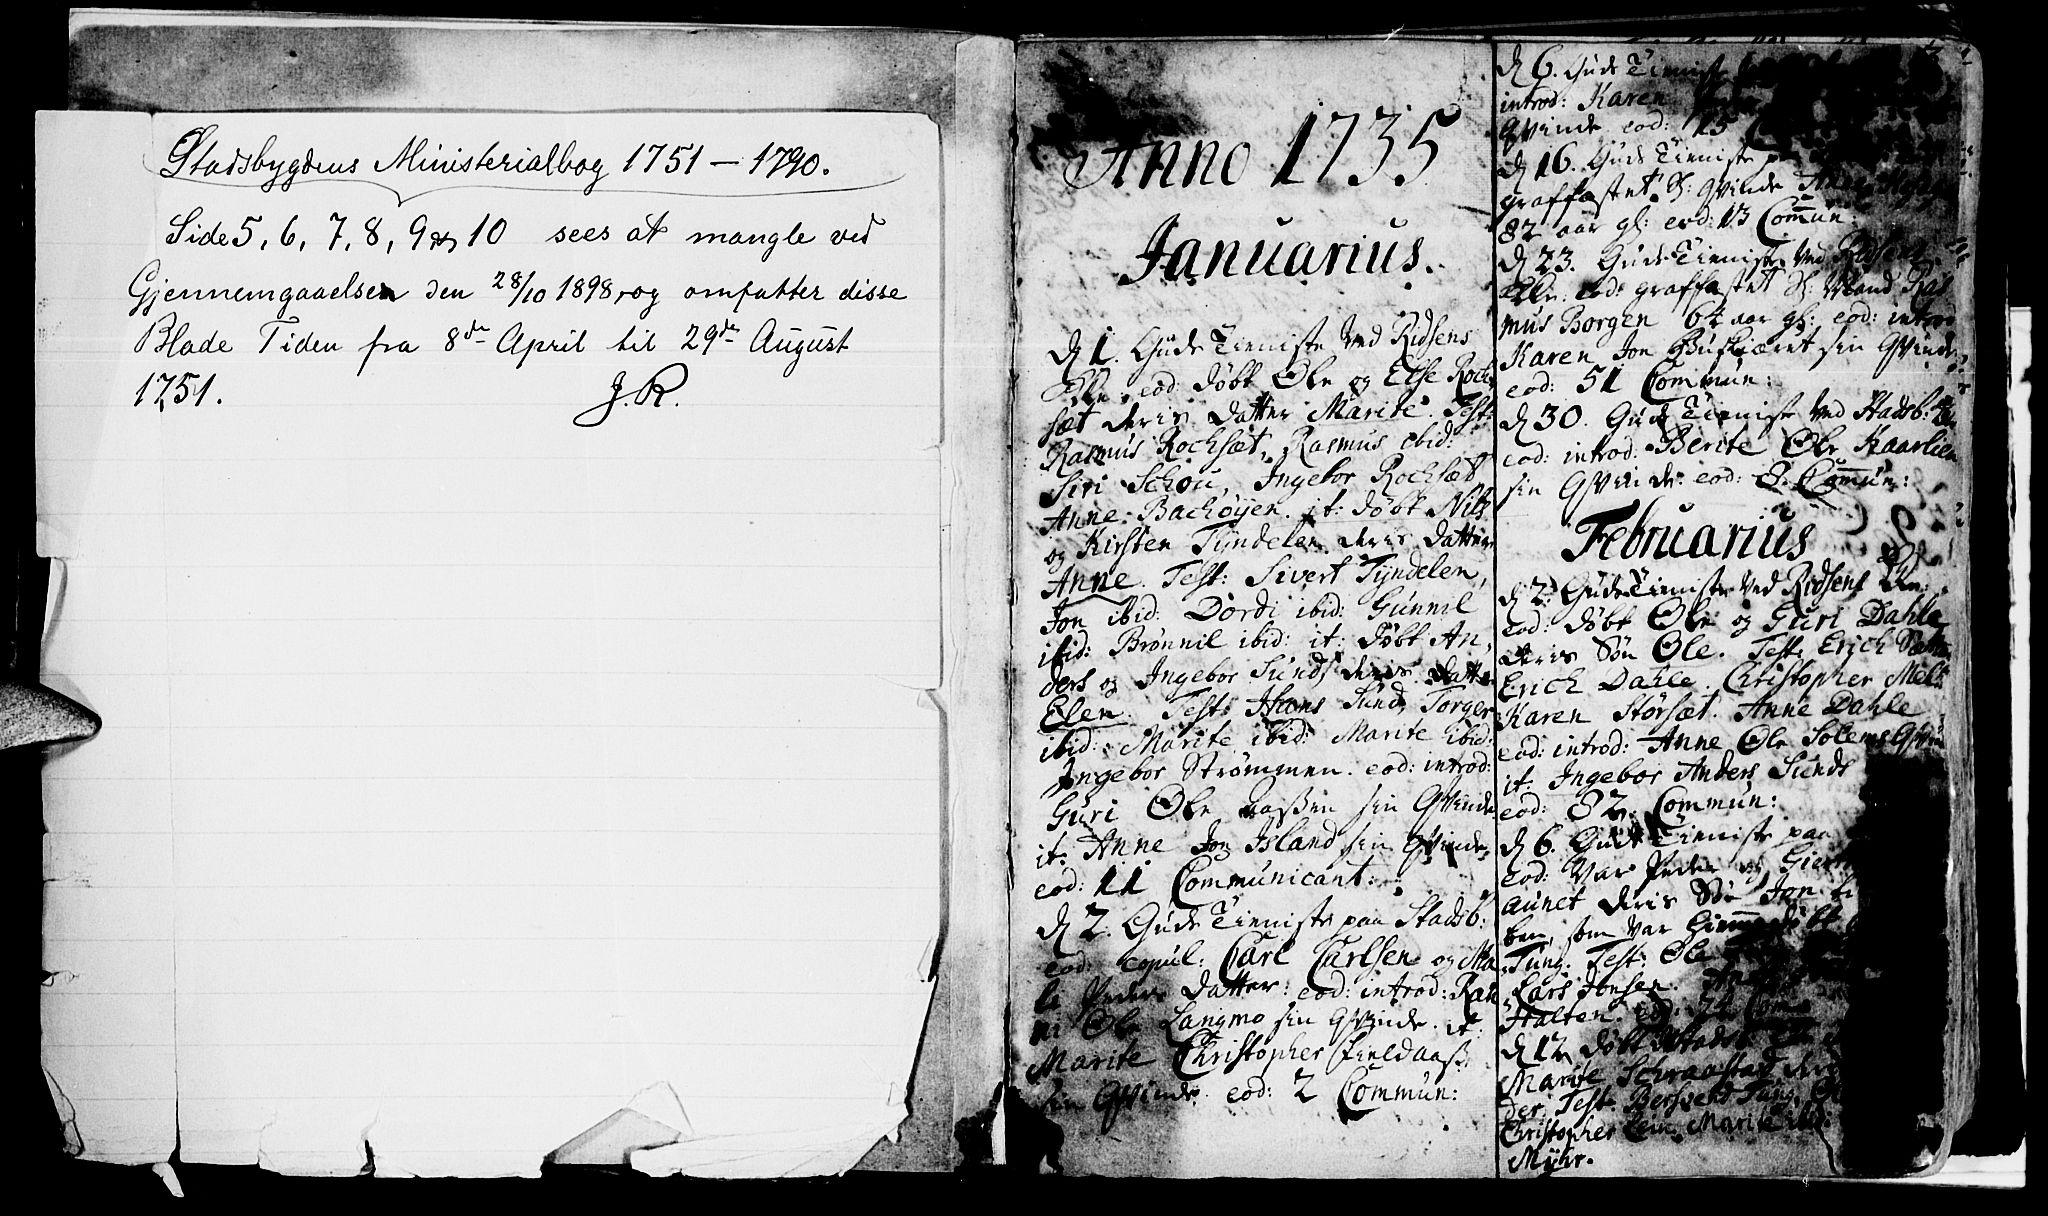 SAT, Ministerialprotokoller, klokkerbøker og fødselsregistre - Sør-Trøndelag, 646/L0604: Ministerialbok nr. 646A02, 1735-1750, s. 0-1